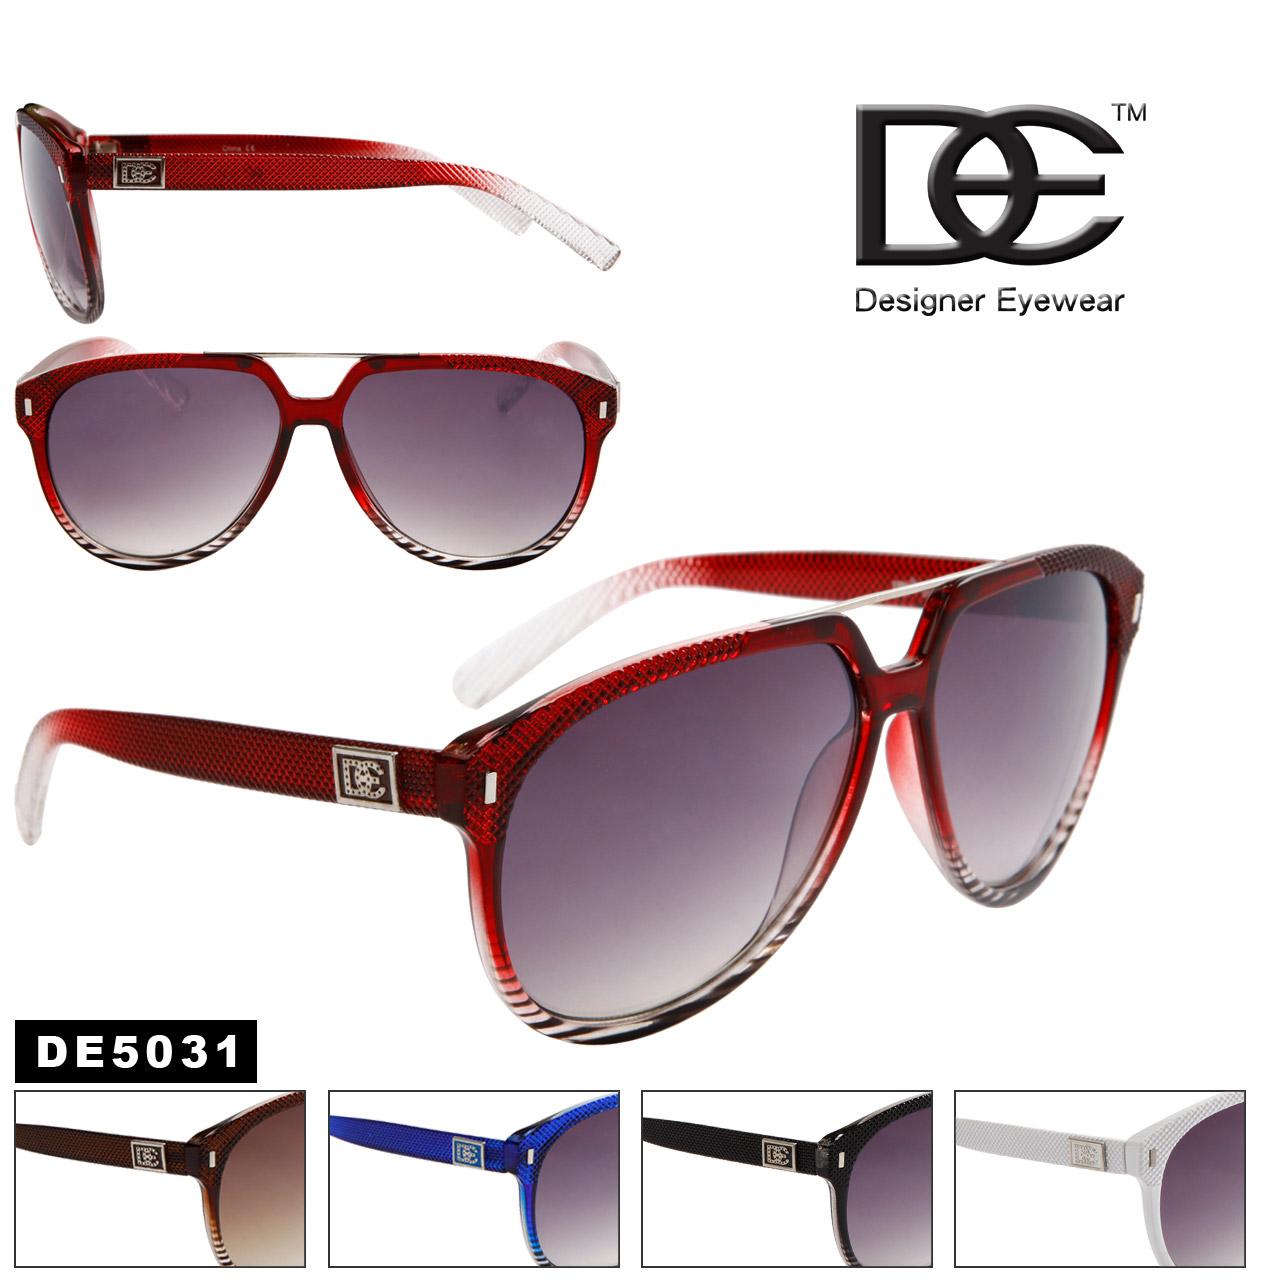 DE Aviator Sunglasses DE5031